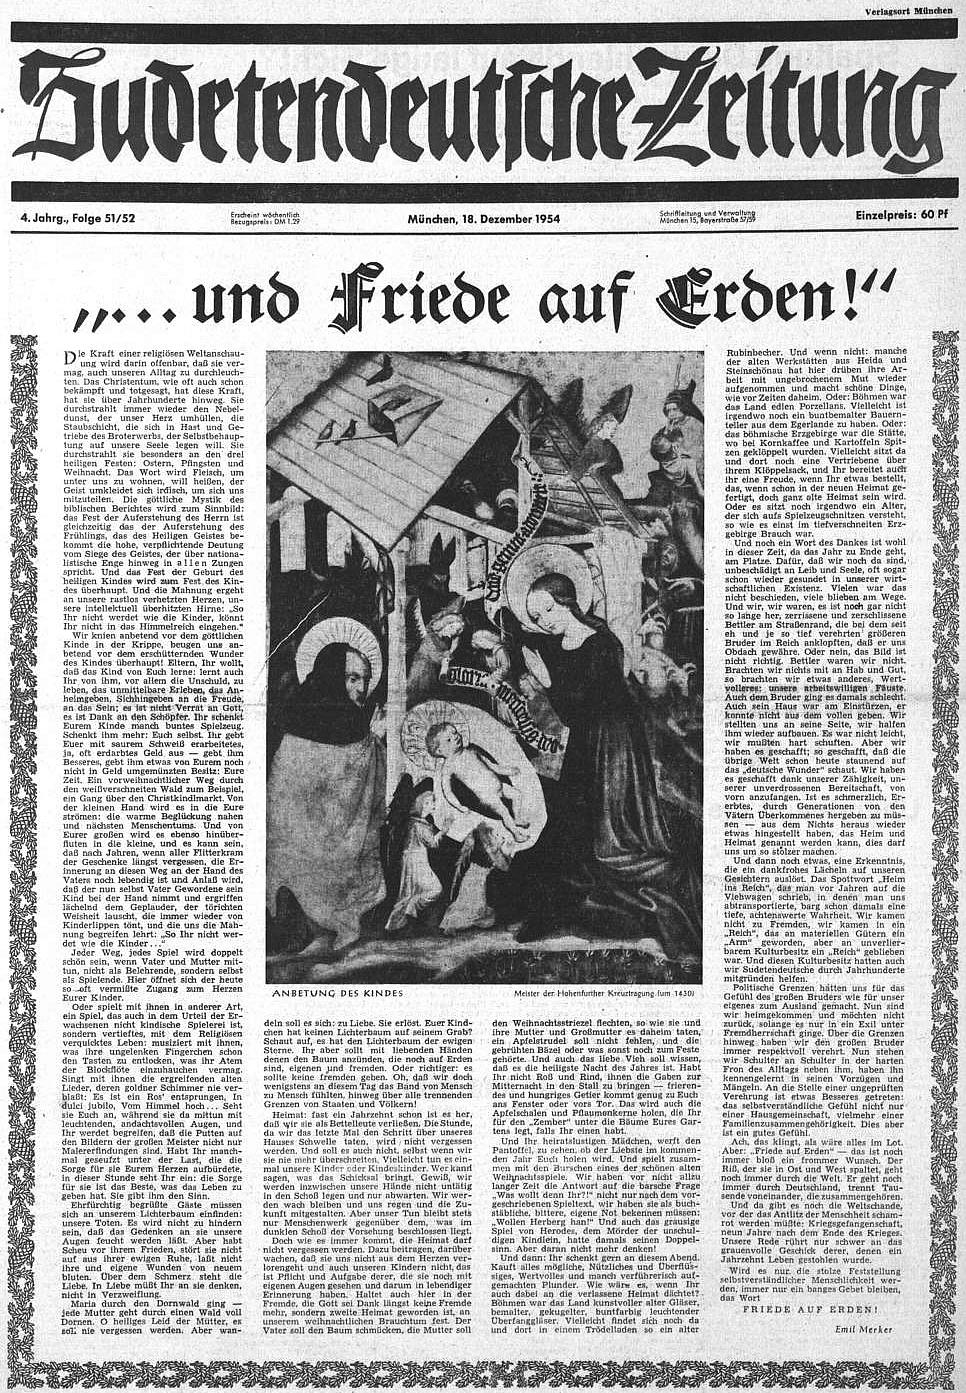 Titulní strana vánočního čísla Sudetendeutsche Zeitung s jeho textem a obrazem, který je jako dílo Mistra vyšebrodského označen ovšem mylně